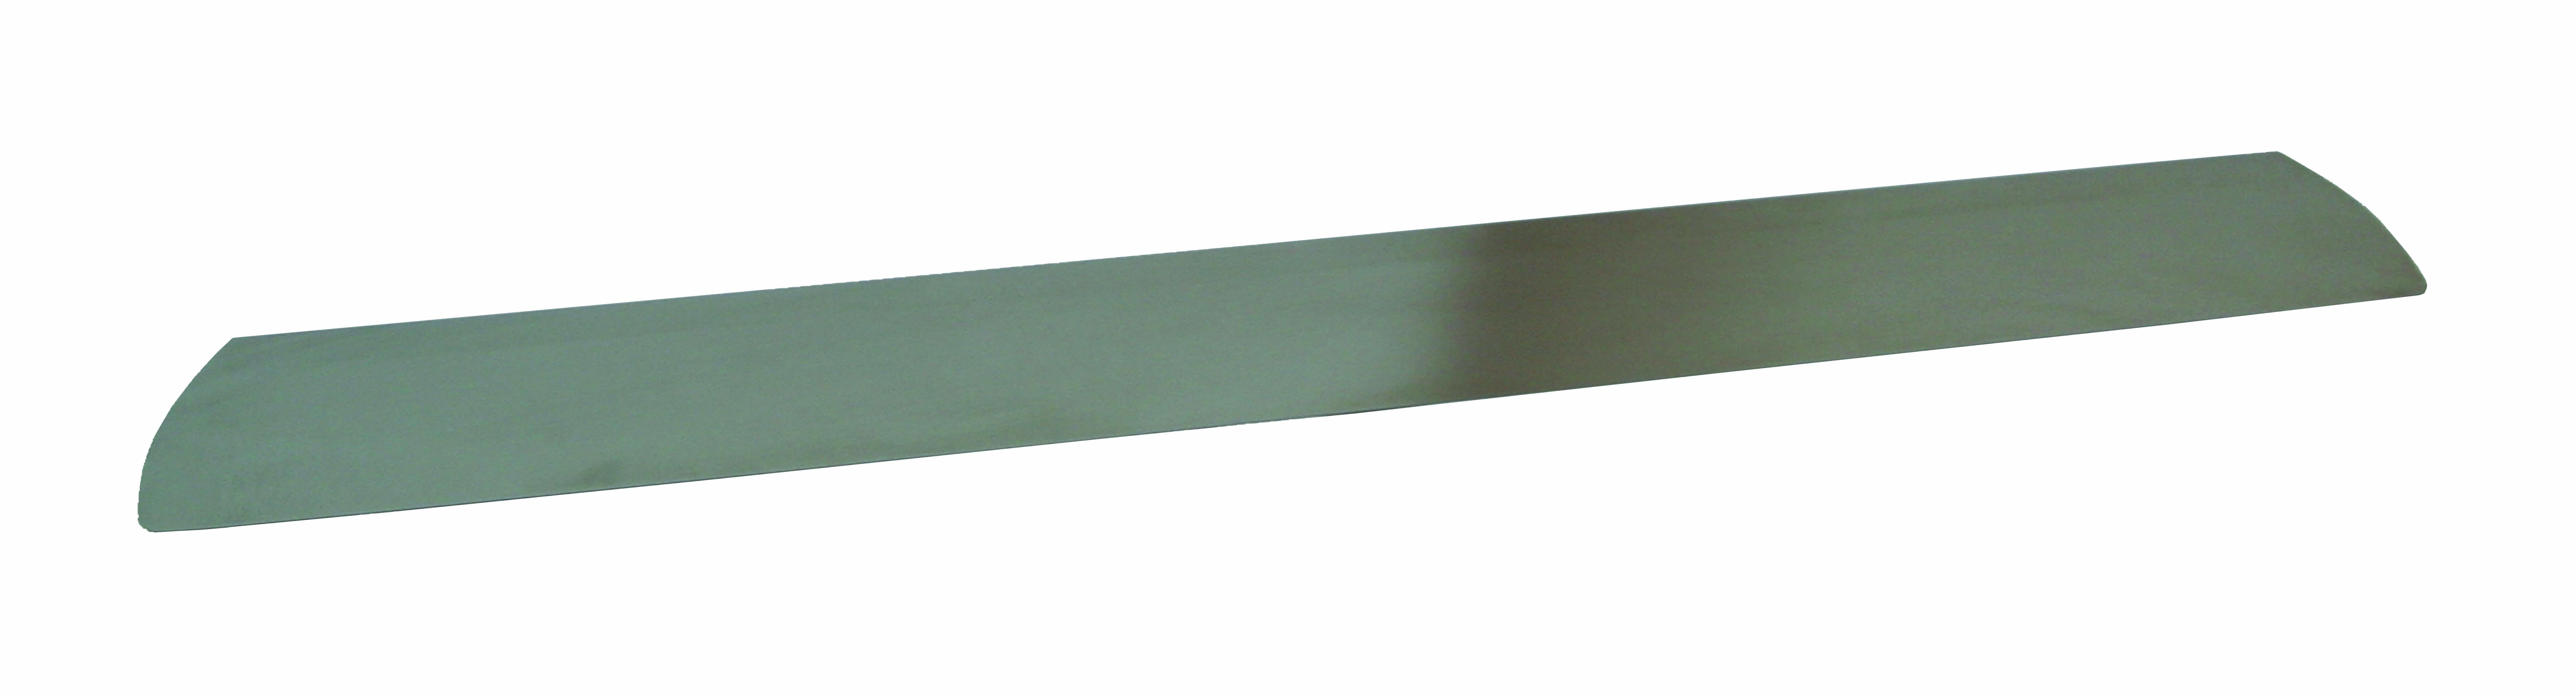 Zamjenska fleksibilna oštrica za PAJAQUICK špahtlu, 1000x80x0,5 mm PAJARITO